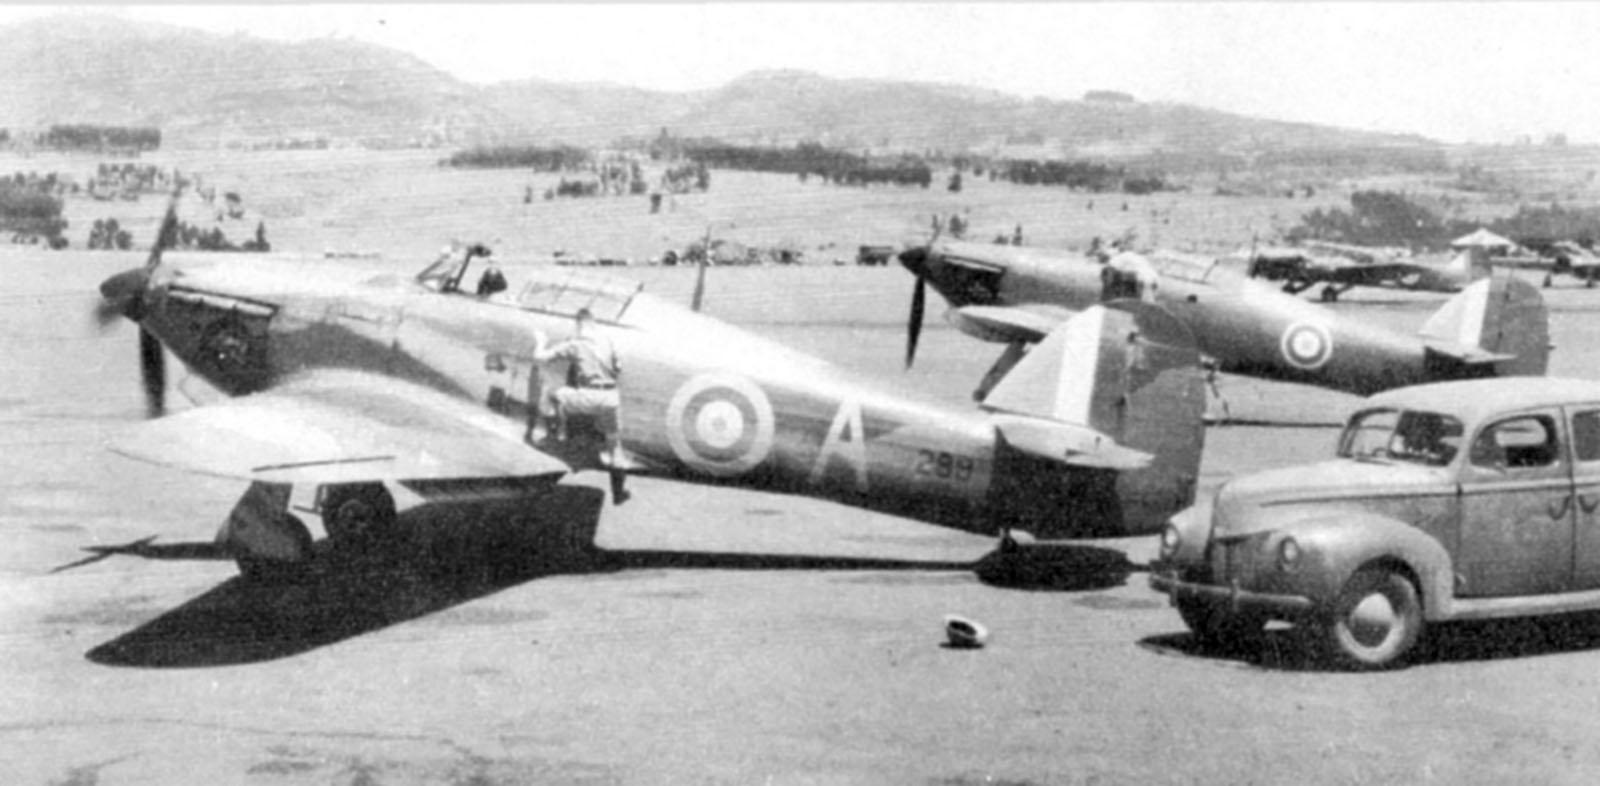 Hurricane I Trop SAAF 3Sqn A 289 Addis Ababa Ethiopia East Africa March 1941 01